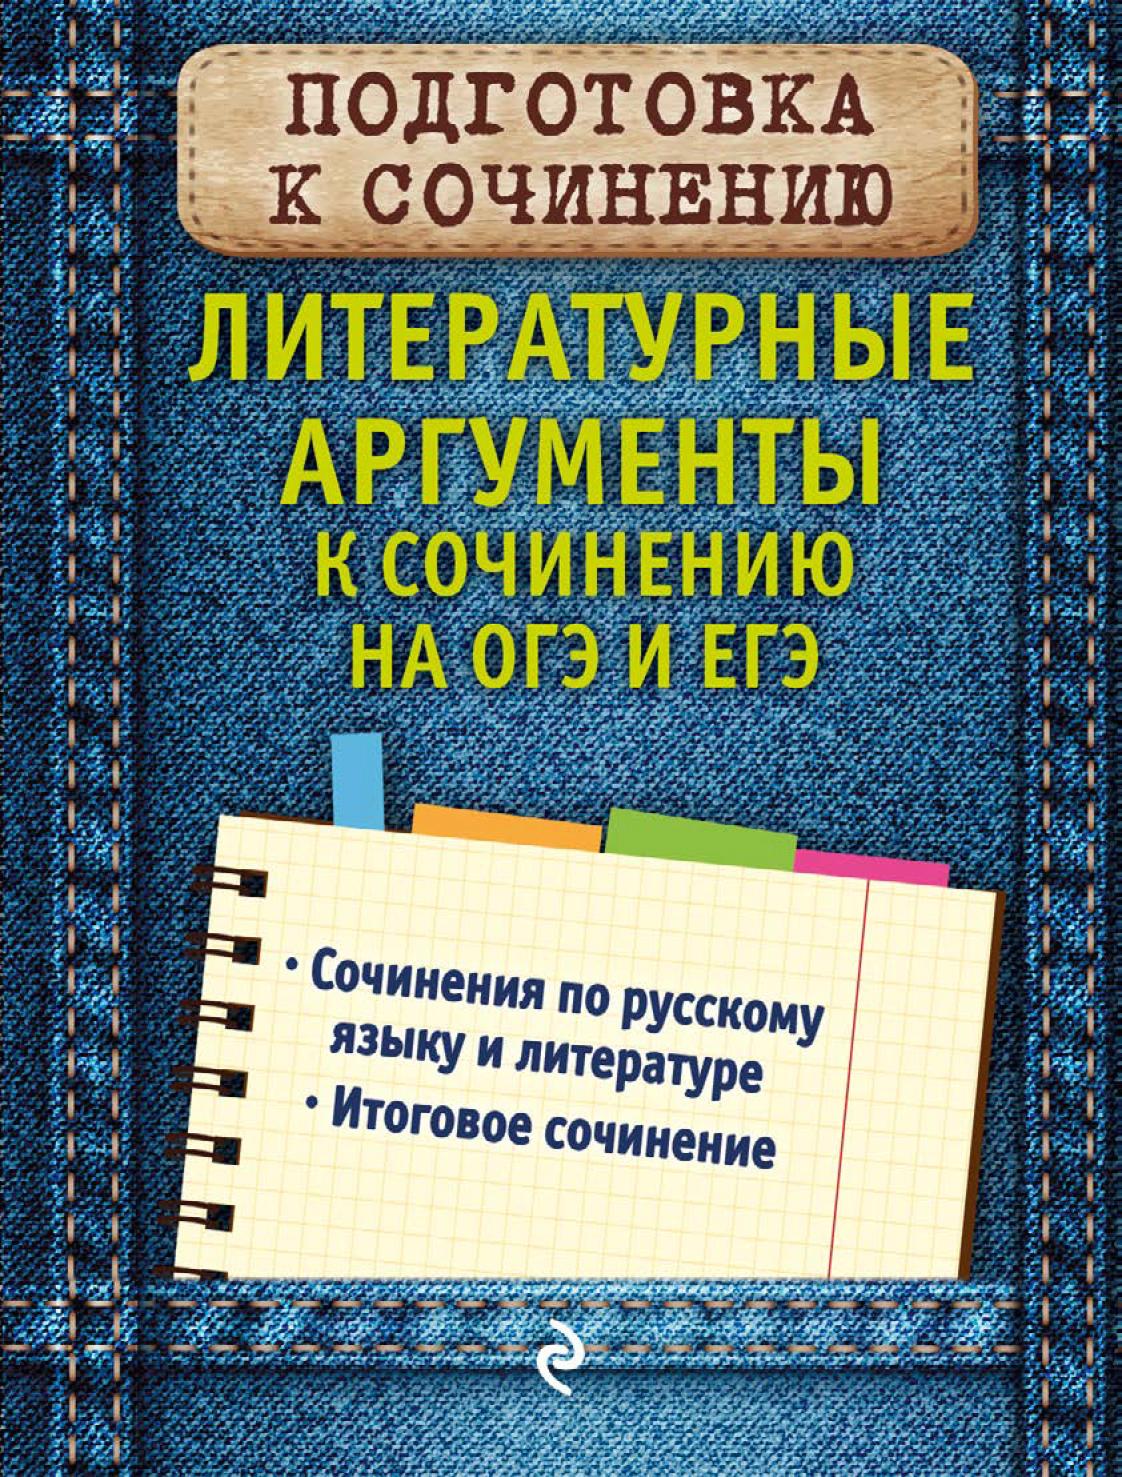 Л. Н. Черкасова Литературные аргументы к сочинению на ОГЭ и ЕГЭ